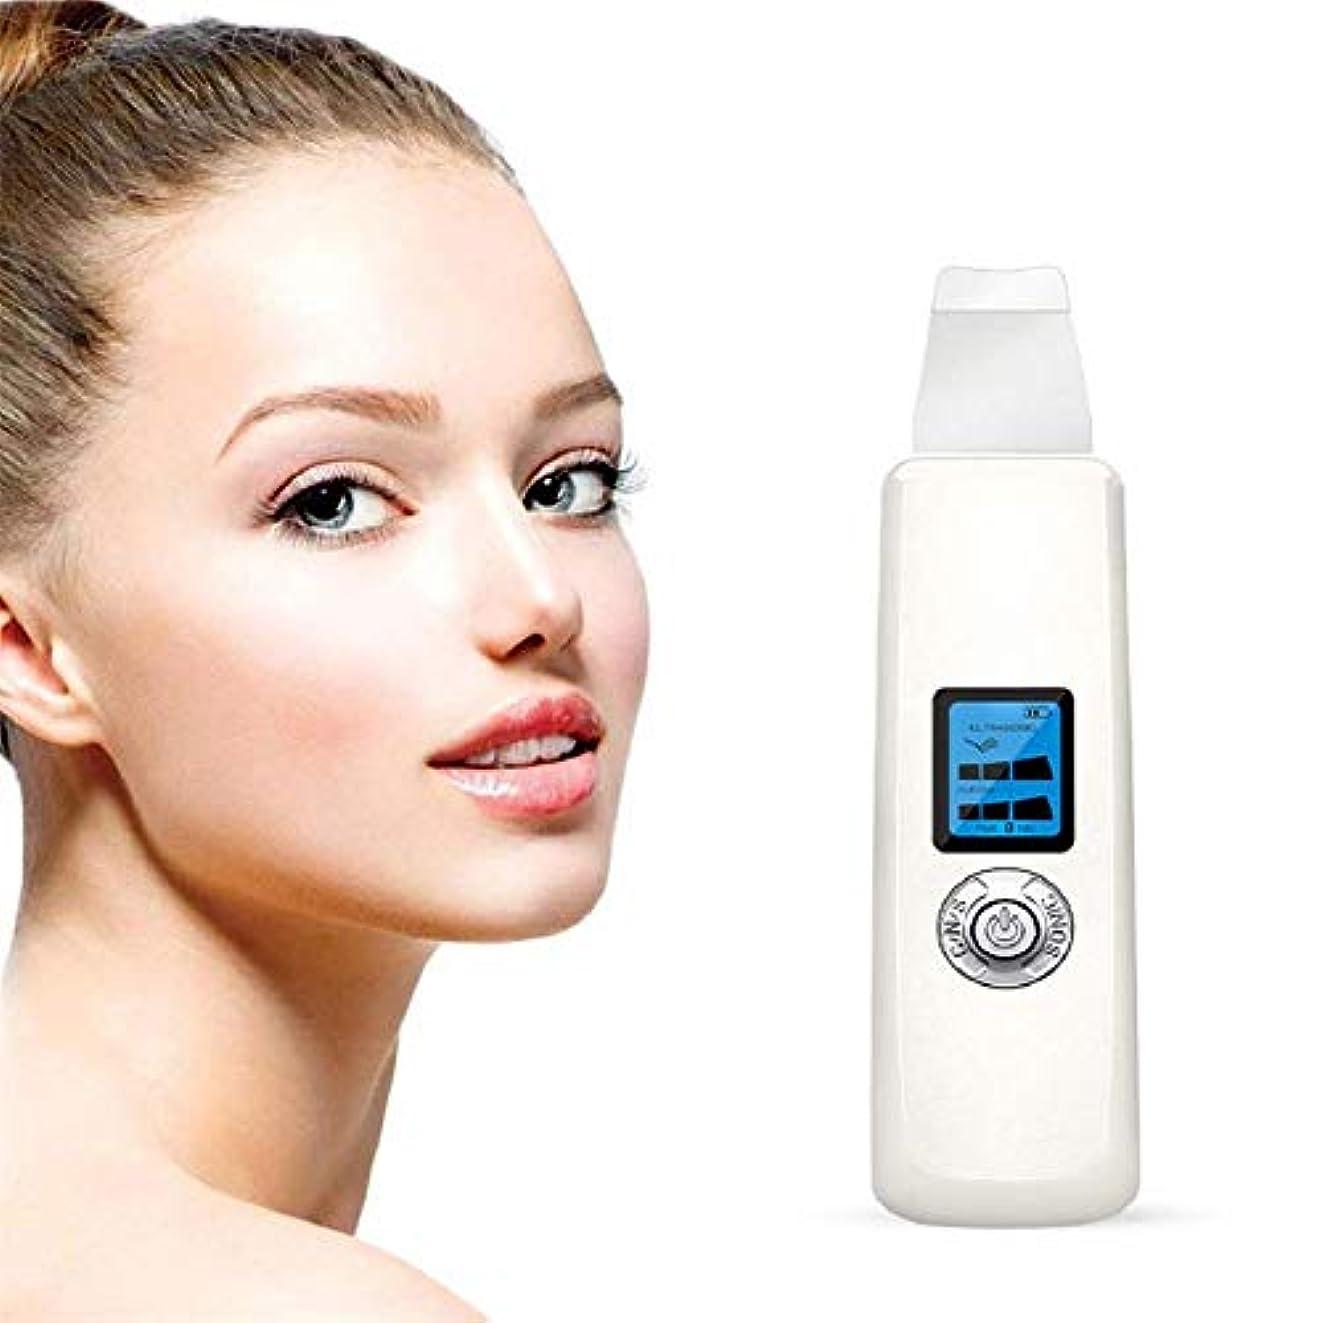 普遍的な染色レーザハンドヘルド美容機器、美容機器フェイシャルスキンピールダーマブレーション、肌の若返り防止アンチエイジングデバイス肌へら